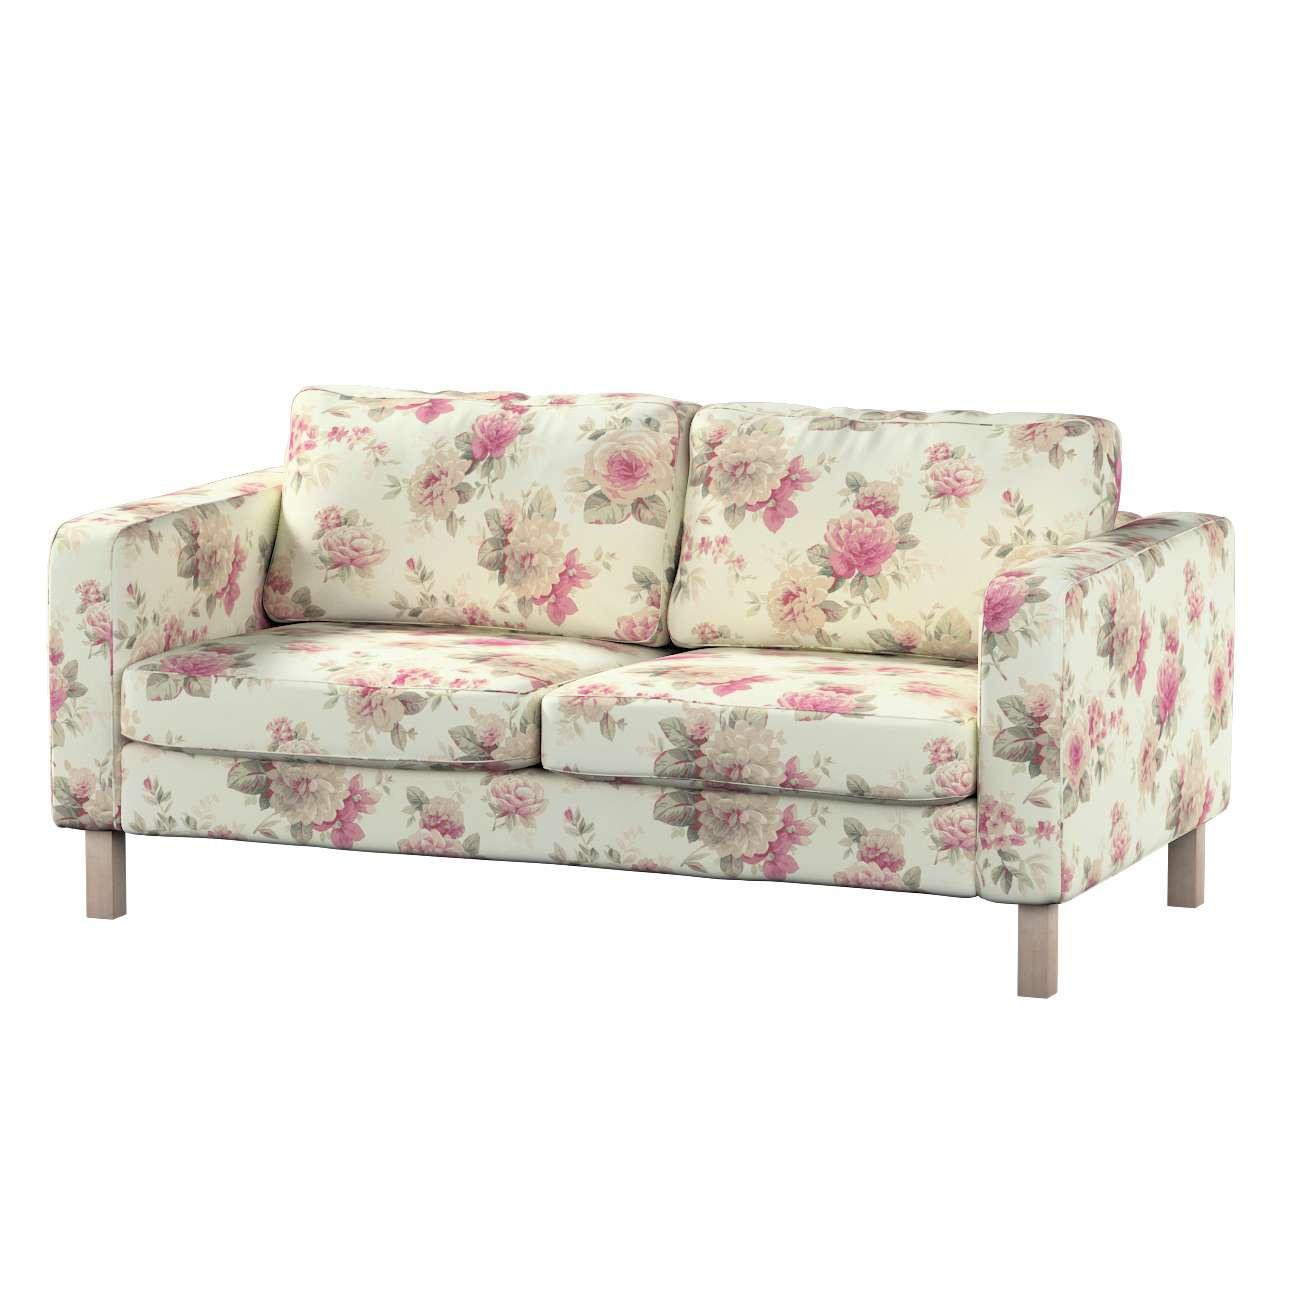 Karlstad 2-Sitzer Sofabezug nicht ausklappbar Sofahusse, Karlstad 2-Sitzer von der Kollektion Mirella, Stoff: 141-07